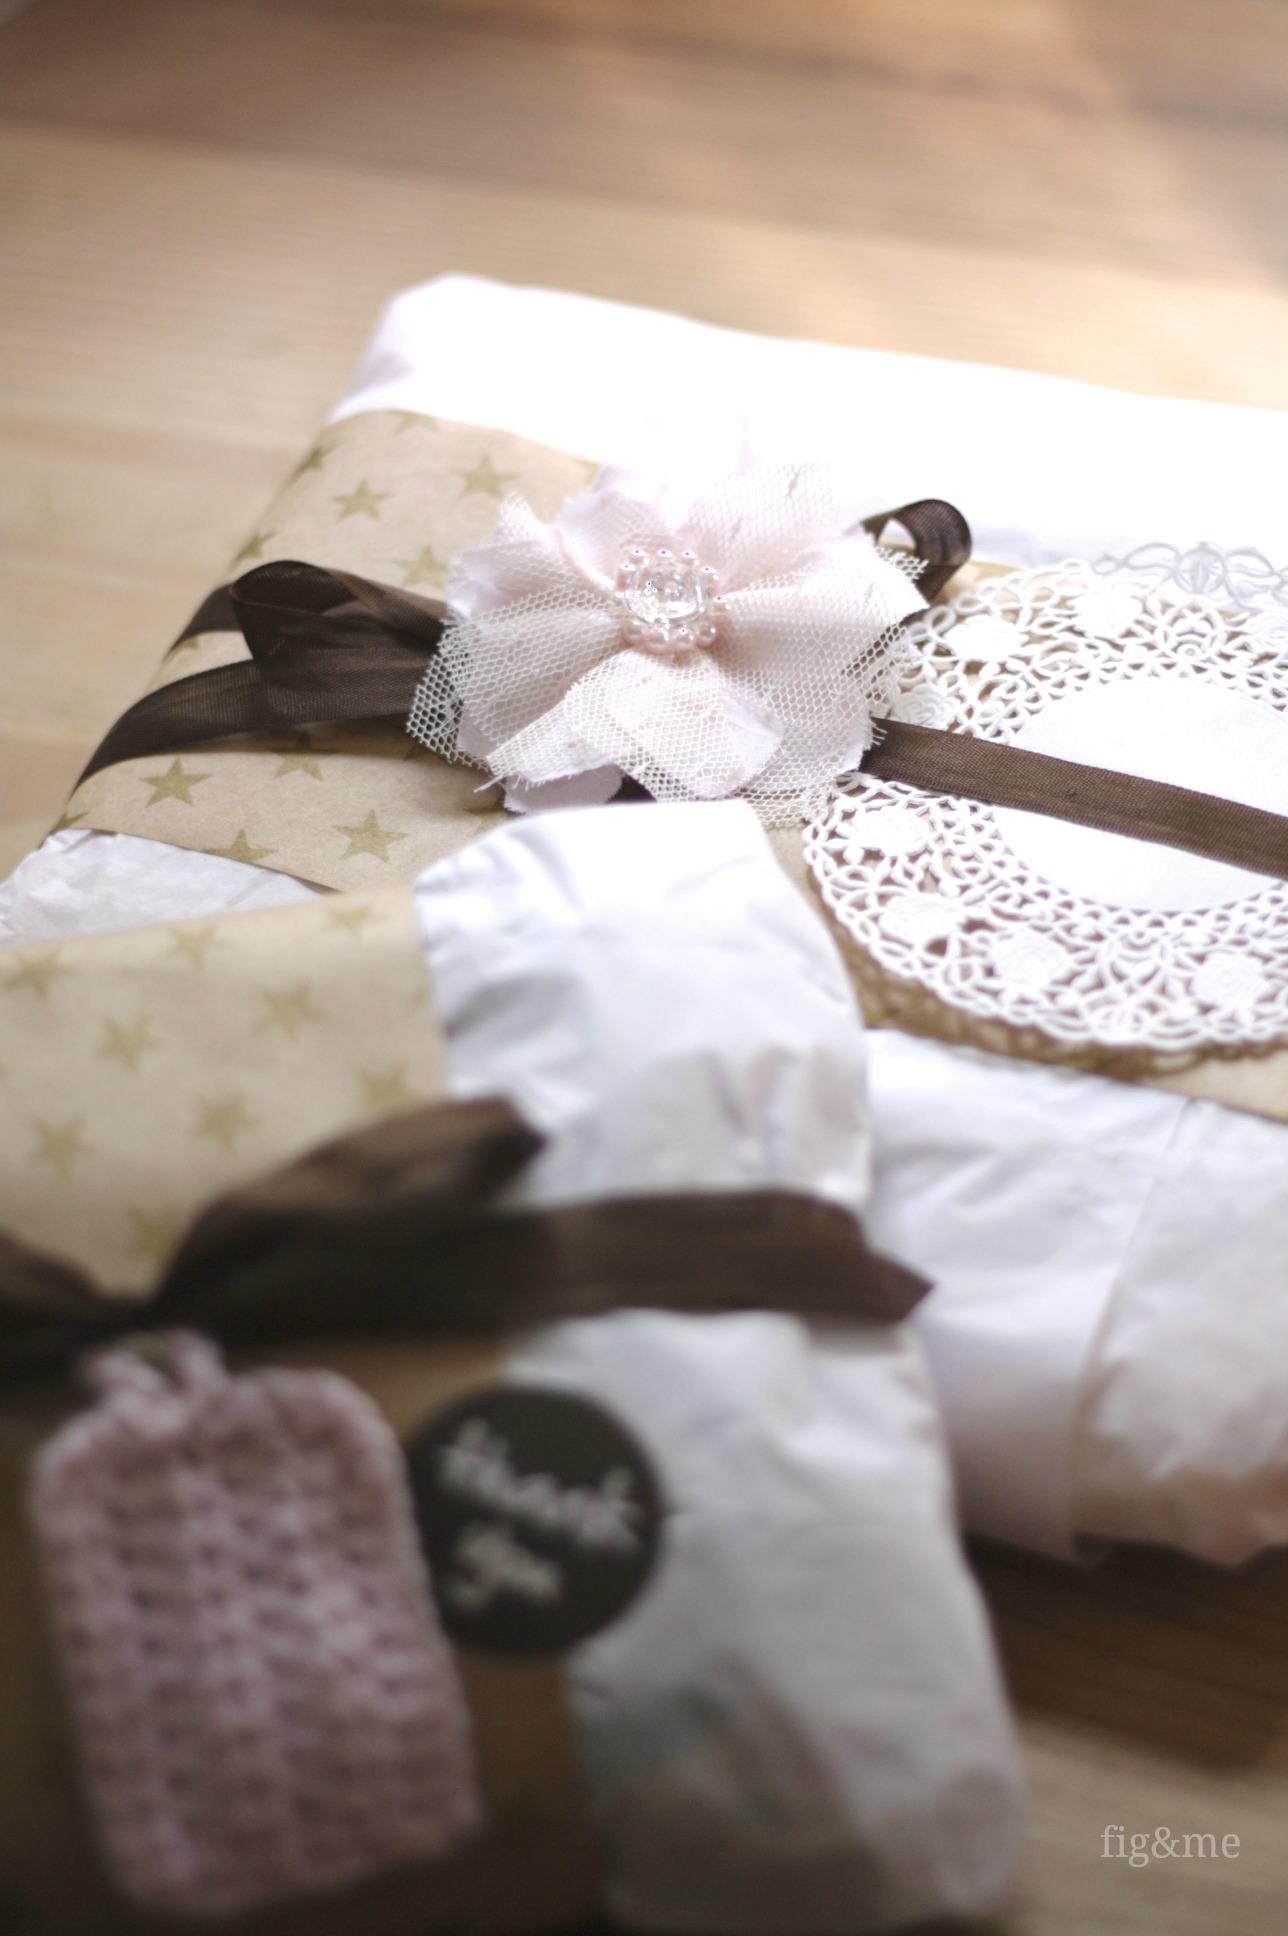 Handmade packaging, by Fig&me